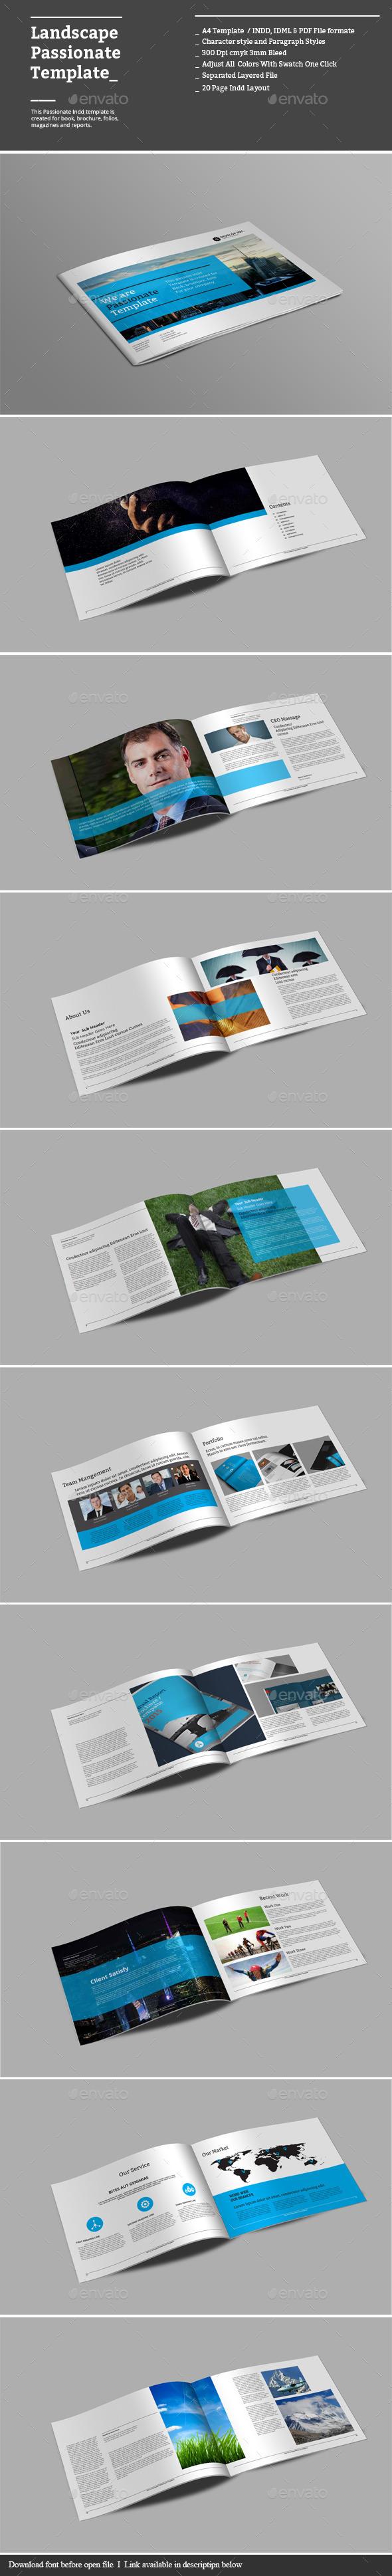 GraphicRiver Landscape Passionate Templates 8879760